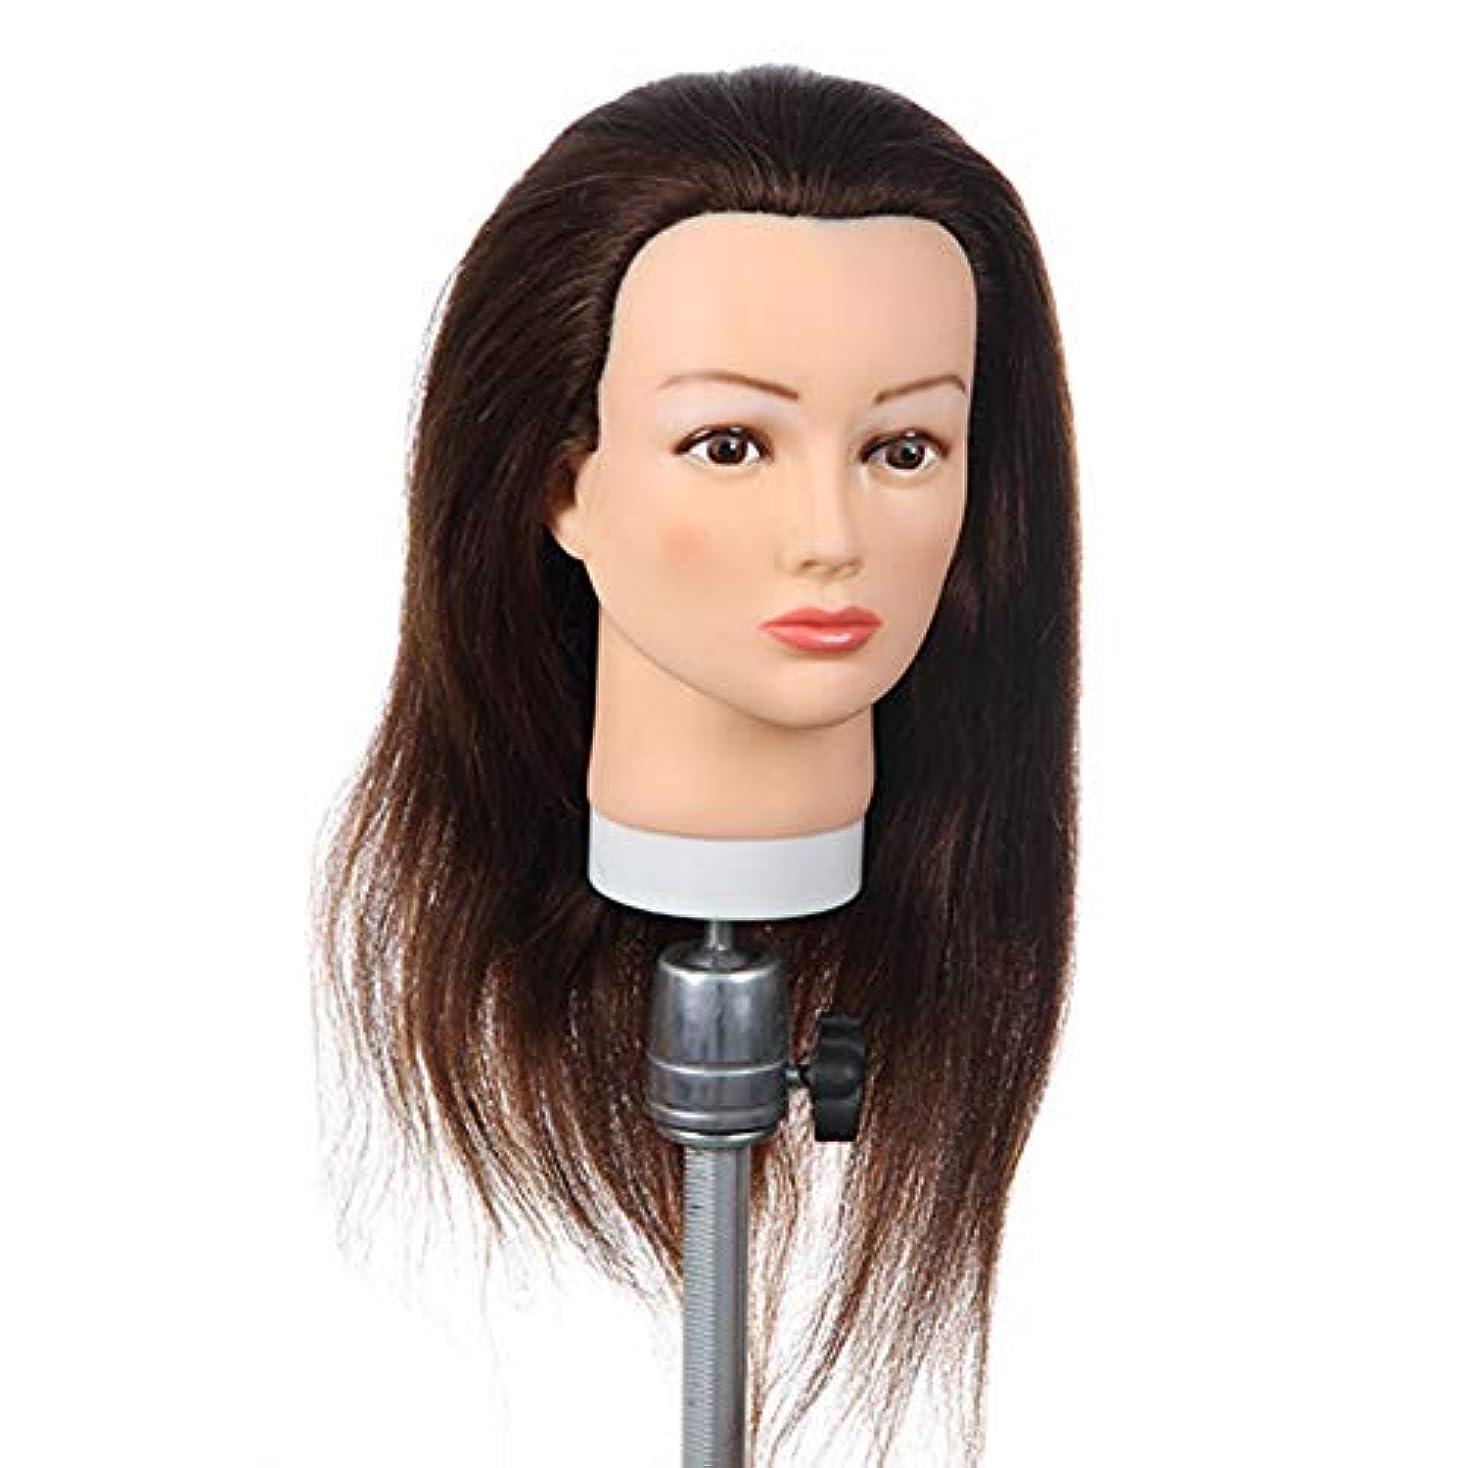 獲物気取らない腹理髪店理髪練習ヘッドパーマ髪染め髪ダミーヘッド花嫁メイクスタイリング編組マネキンヘッド